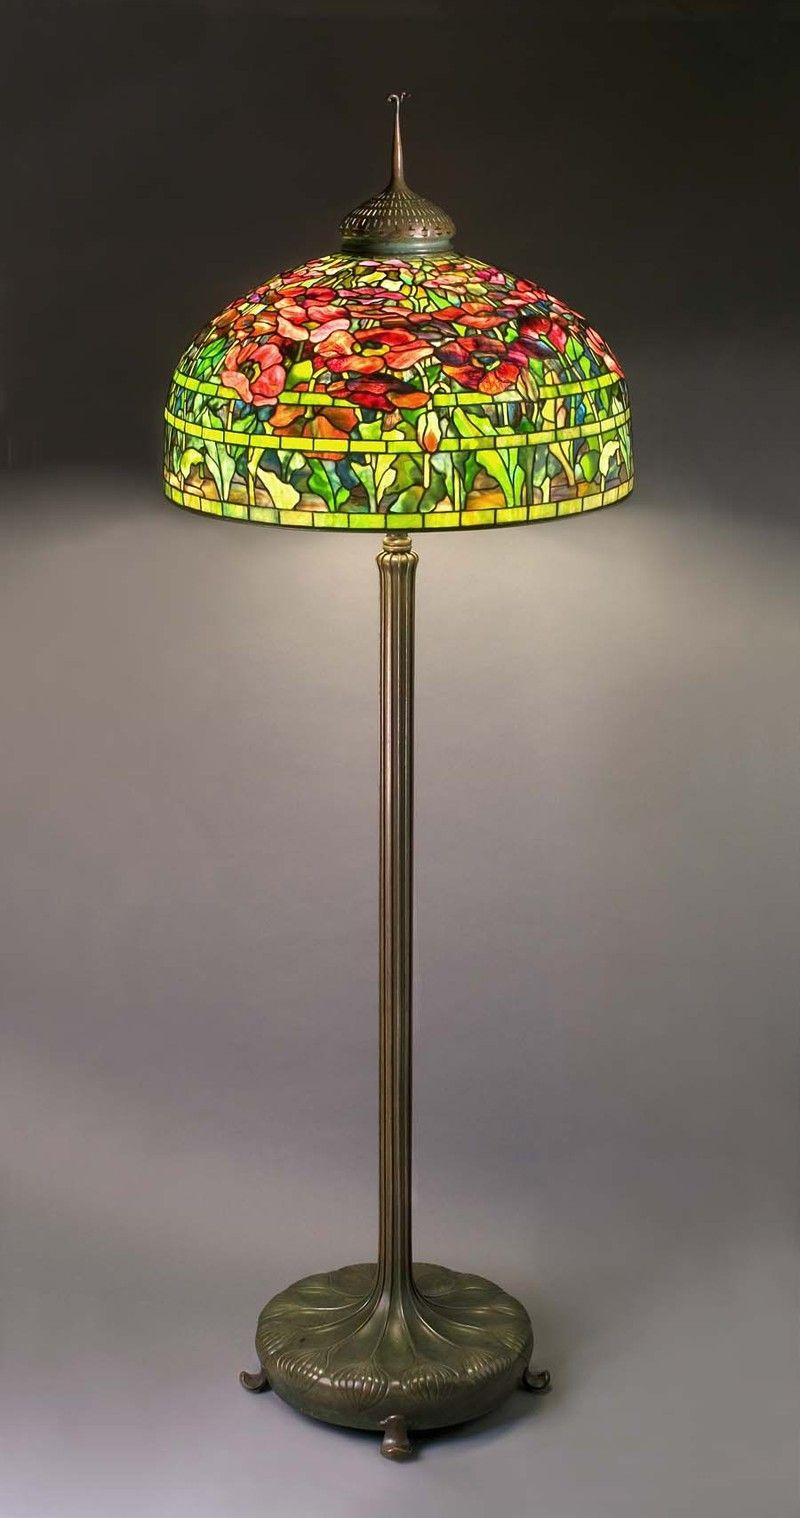 Tiffany Stehlampen Tiffany Stehlampen Haus Dekoration Besteht Aus Der Alles Von Der Kommissionierung Die Turklink Antike Lampe Glaslampen Tiffany Lampen